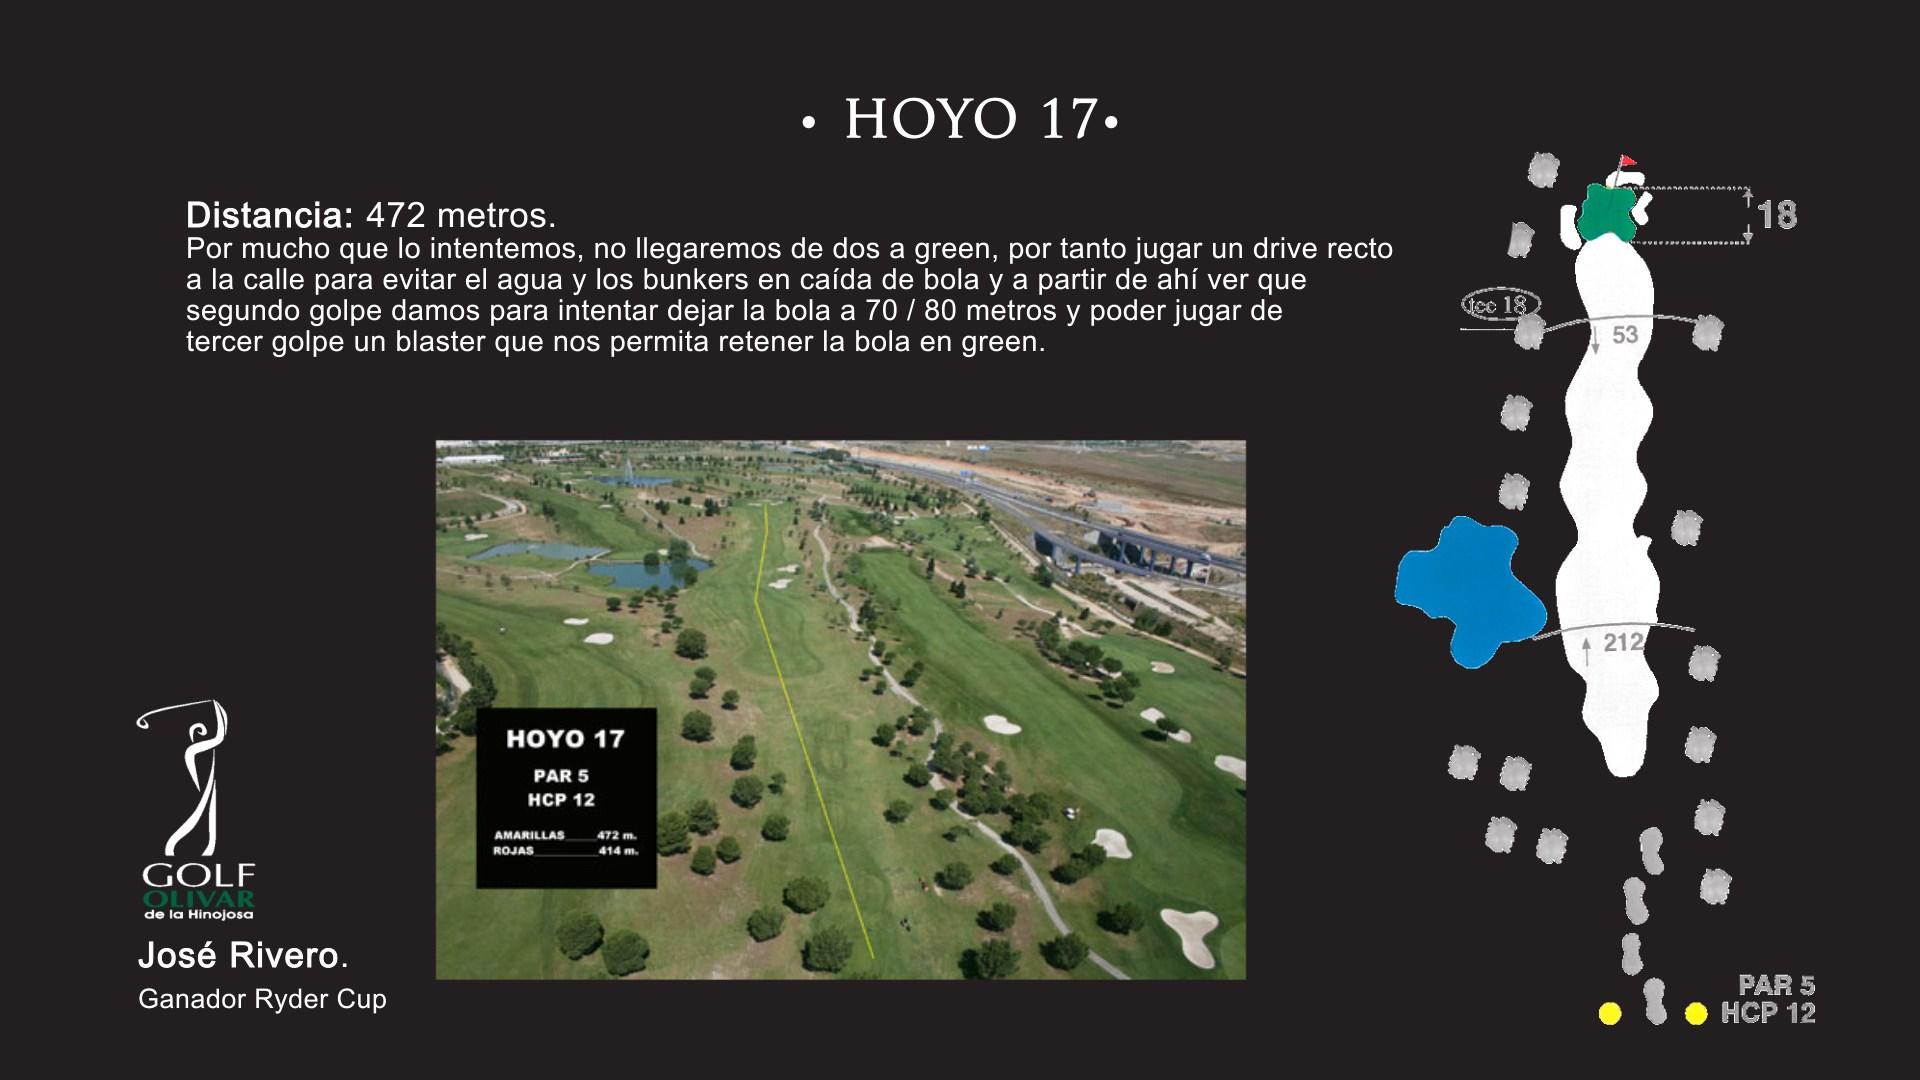 Hoyo 17 Olivar de la Hinojosa